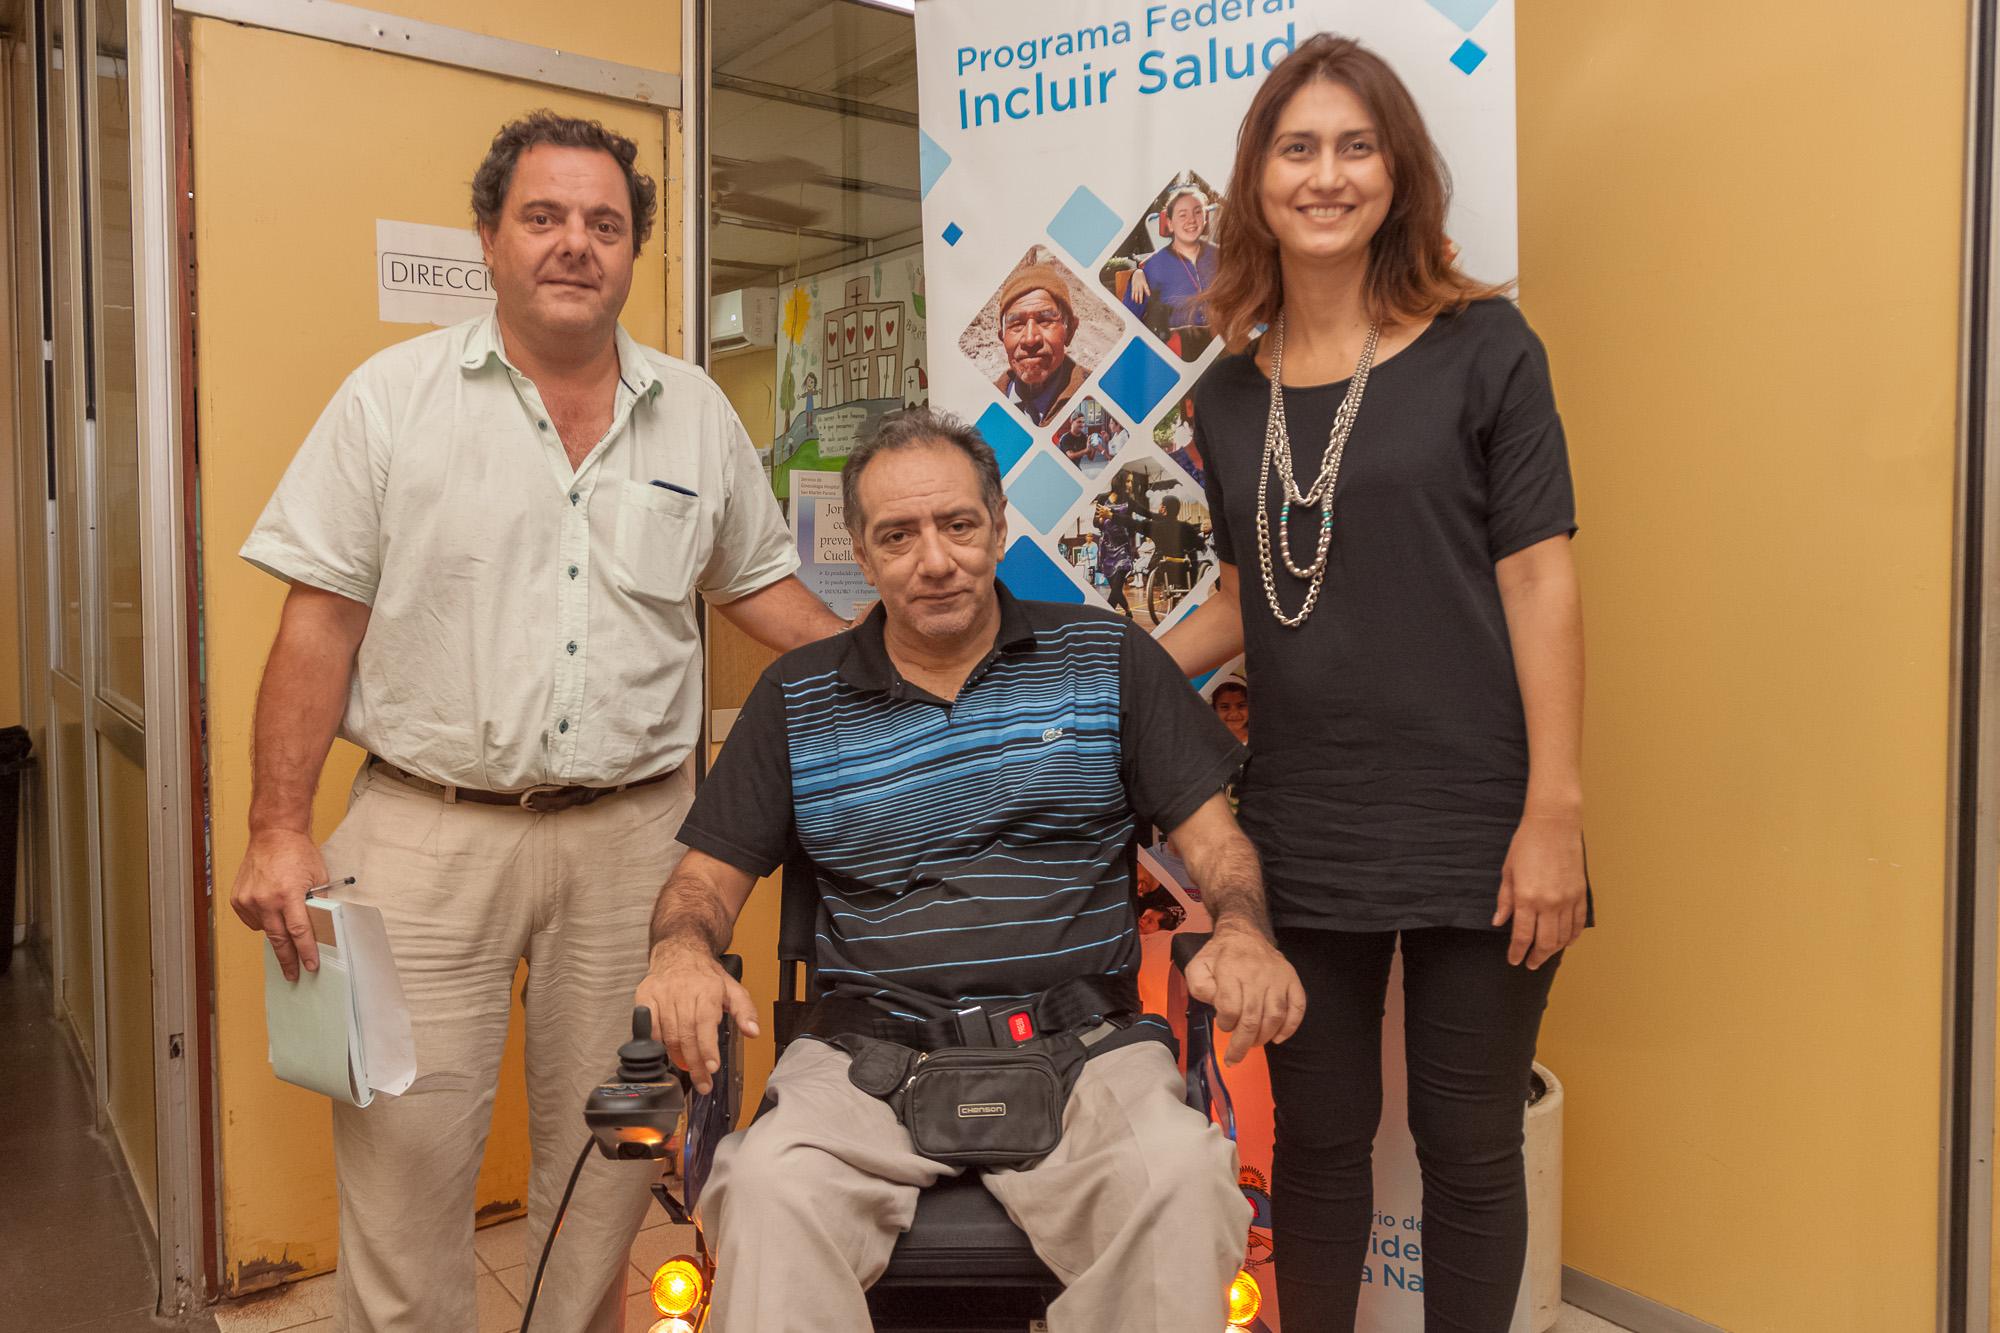 .El gobierno entregó una silla de ruedas motorizada a un beneficiario del Programa Federal Incluir Salud.